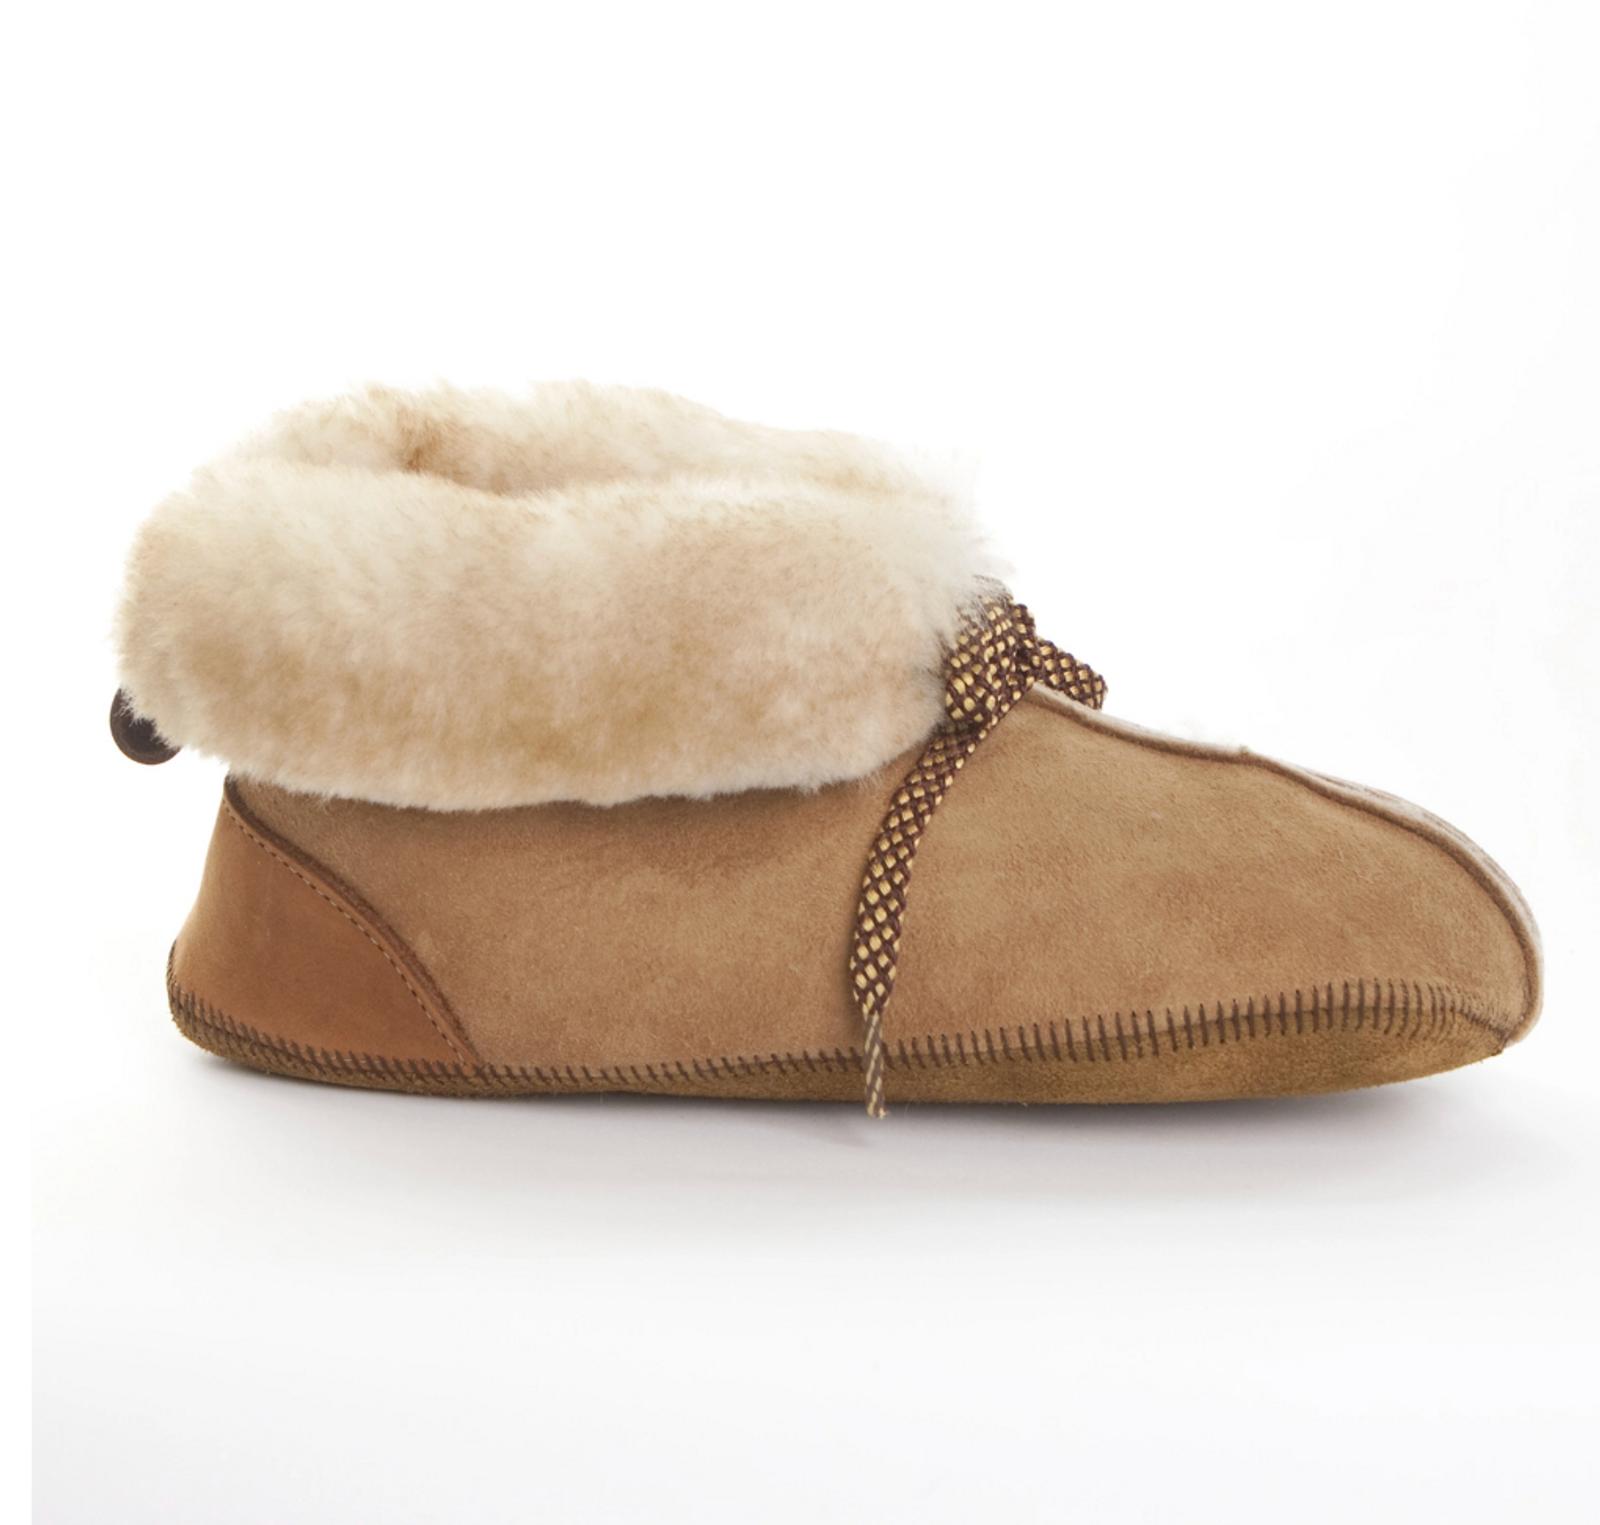 Women's Bootie Shearling Slippers